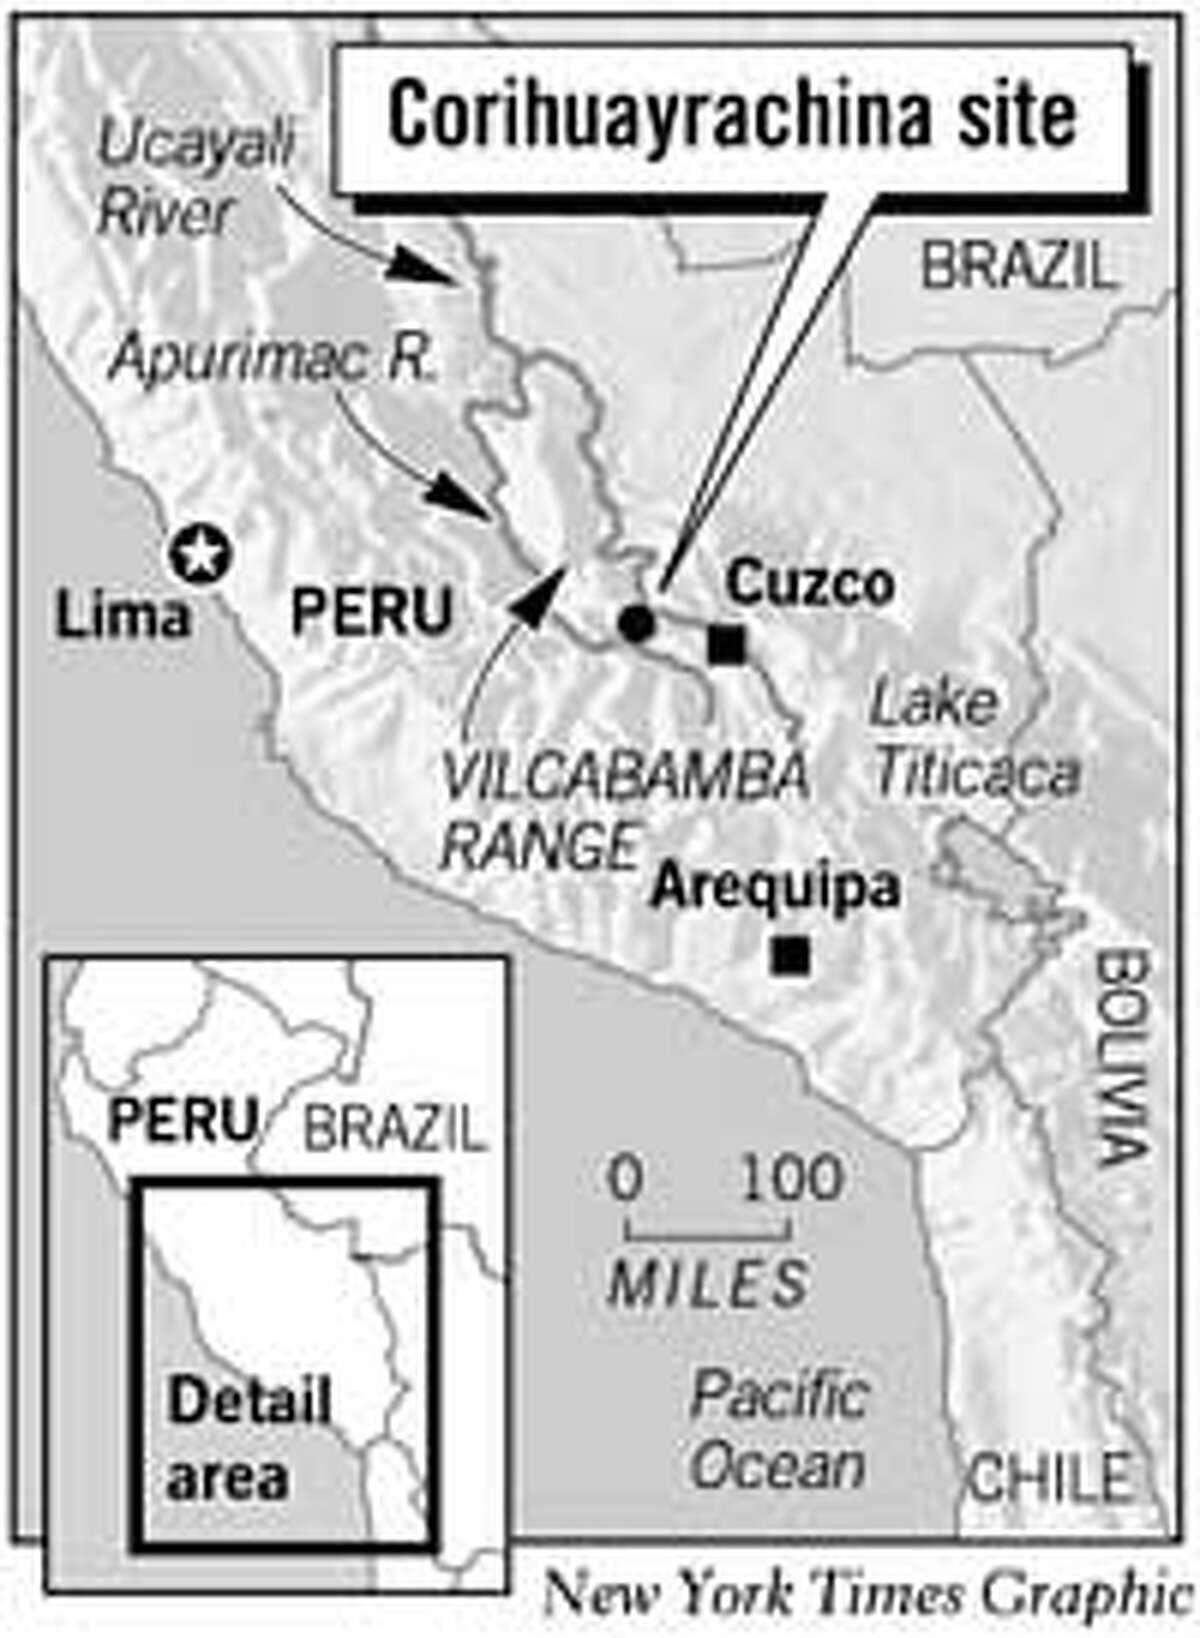 Corihuayrachina Site. New York Times Graphic